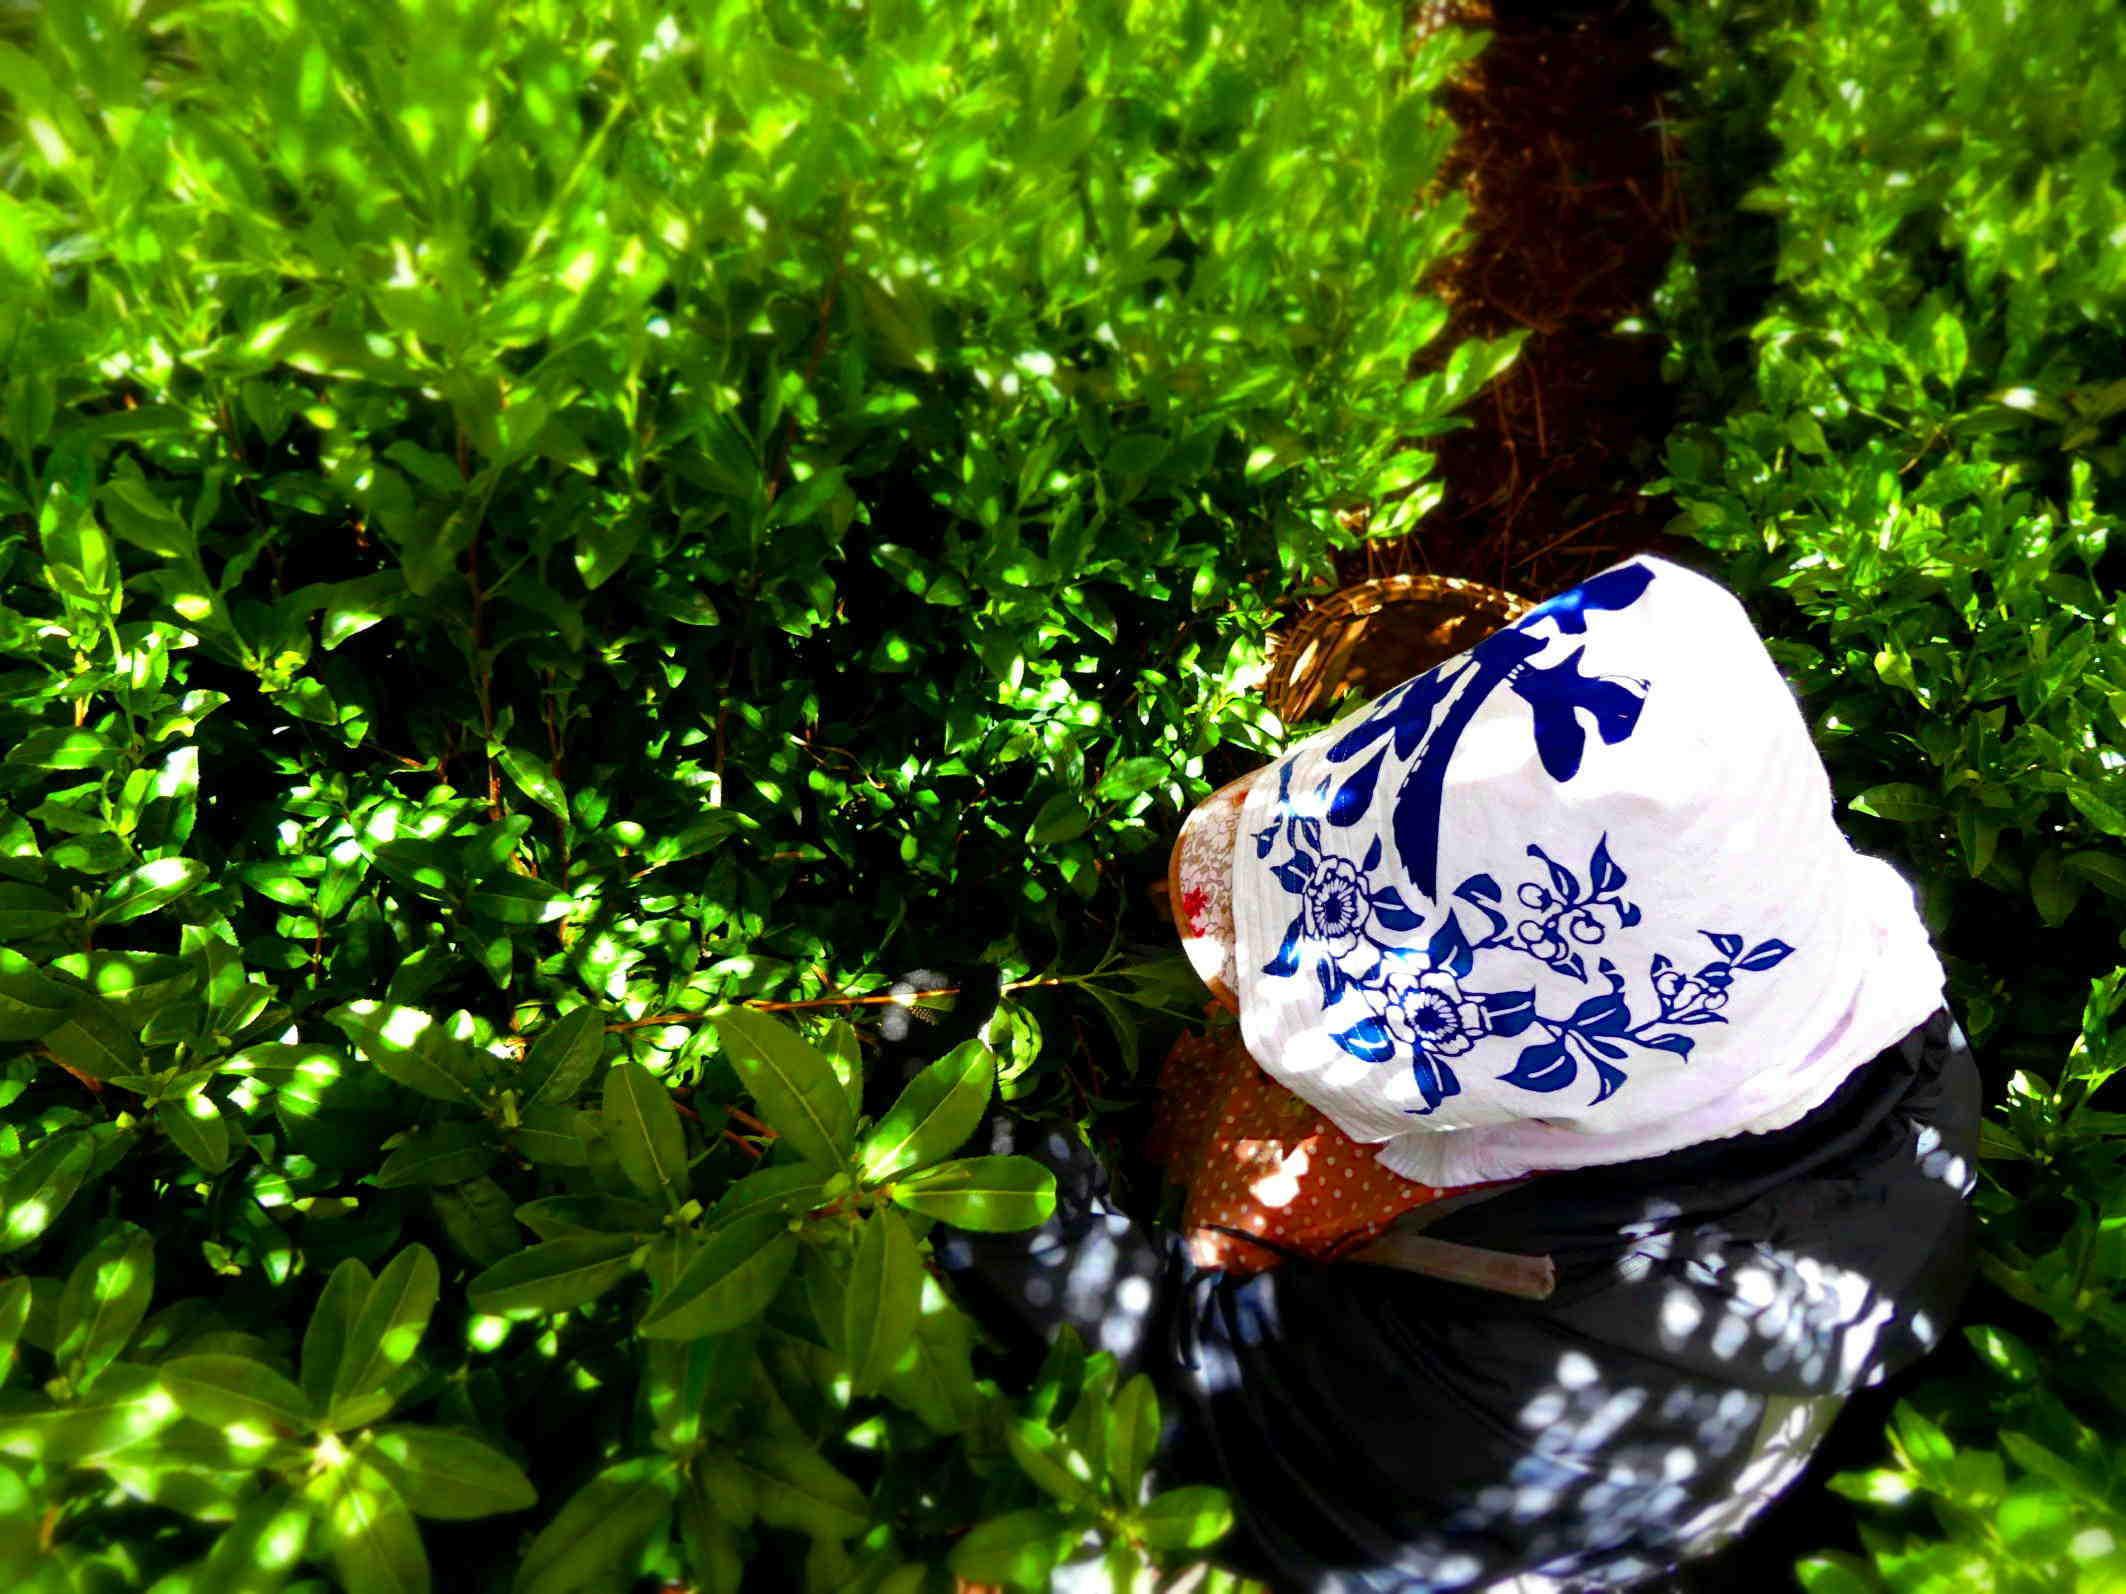 暖かい光と柔らかい影が交叉して輝く茶園   Chaen shining with warm light and soft shadows intersecting_a0391480_19292548.jpg